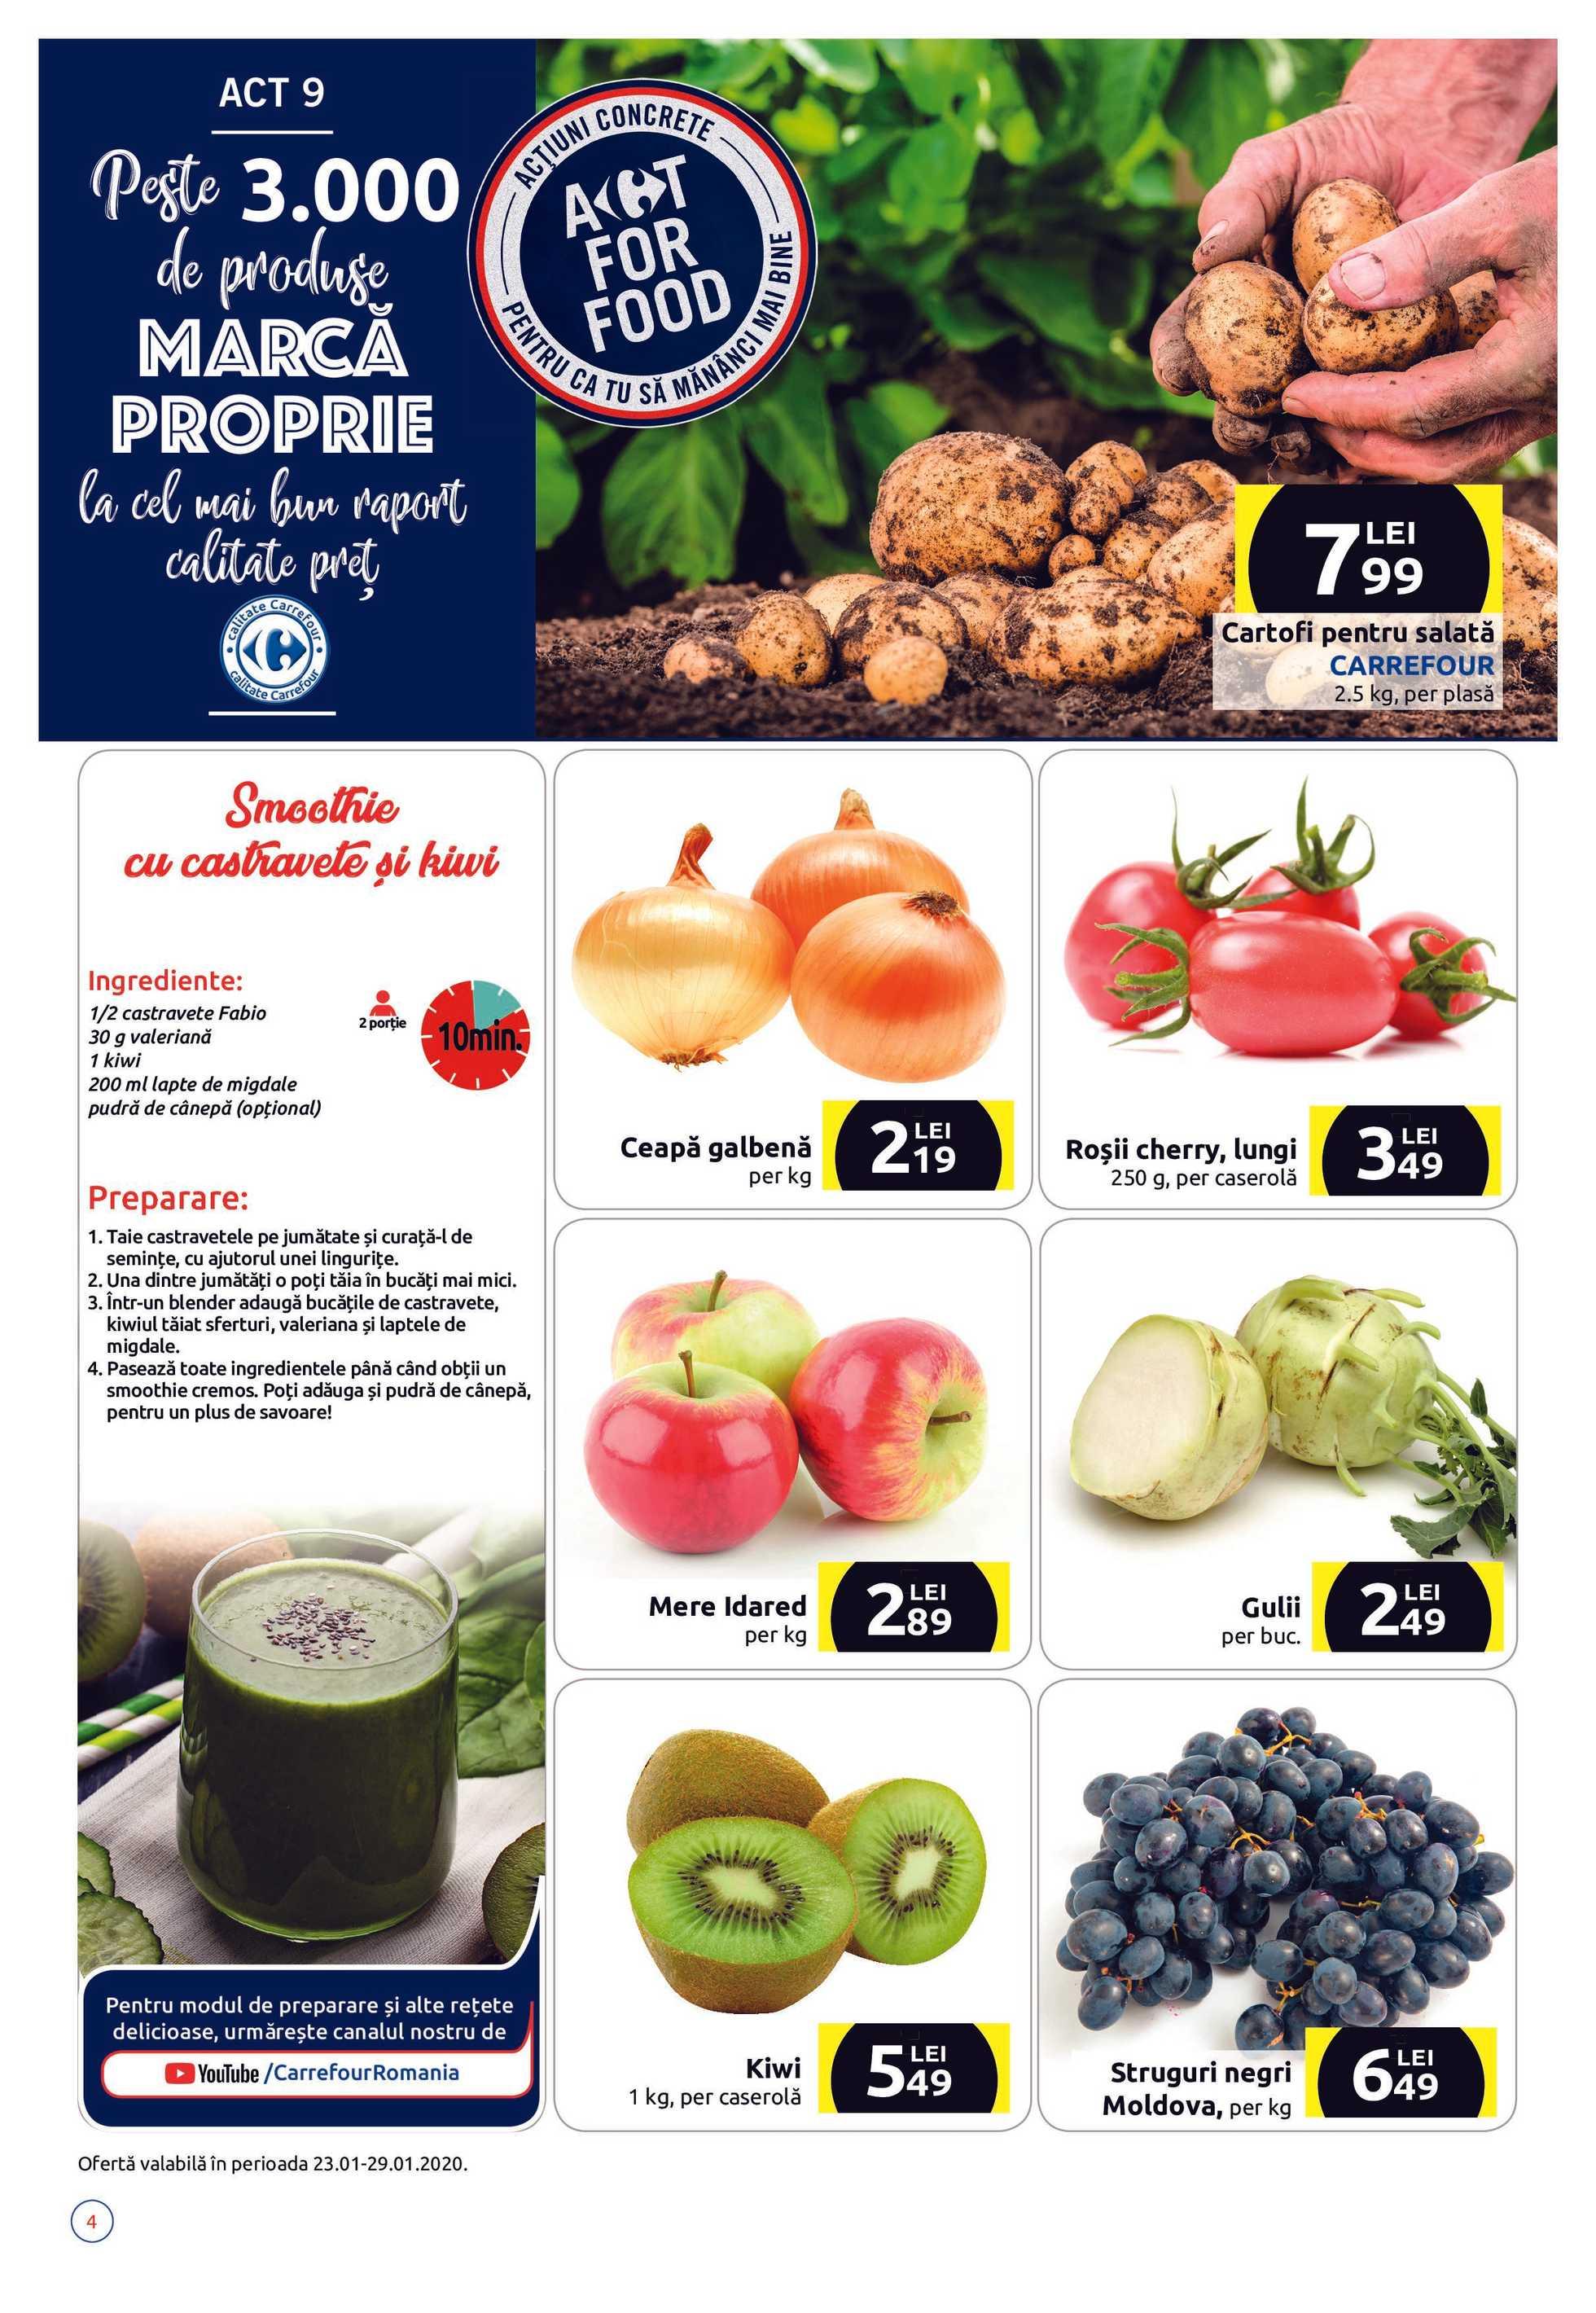 Carrefour - promo începând de la 23.01.2020 până la 05.02.2020 - pagină 4.